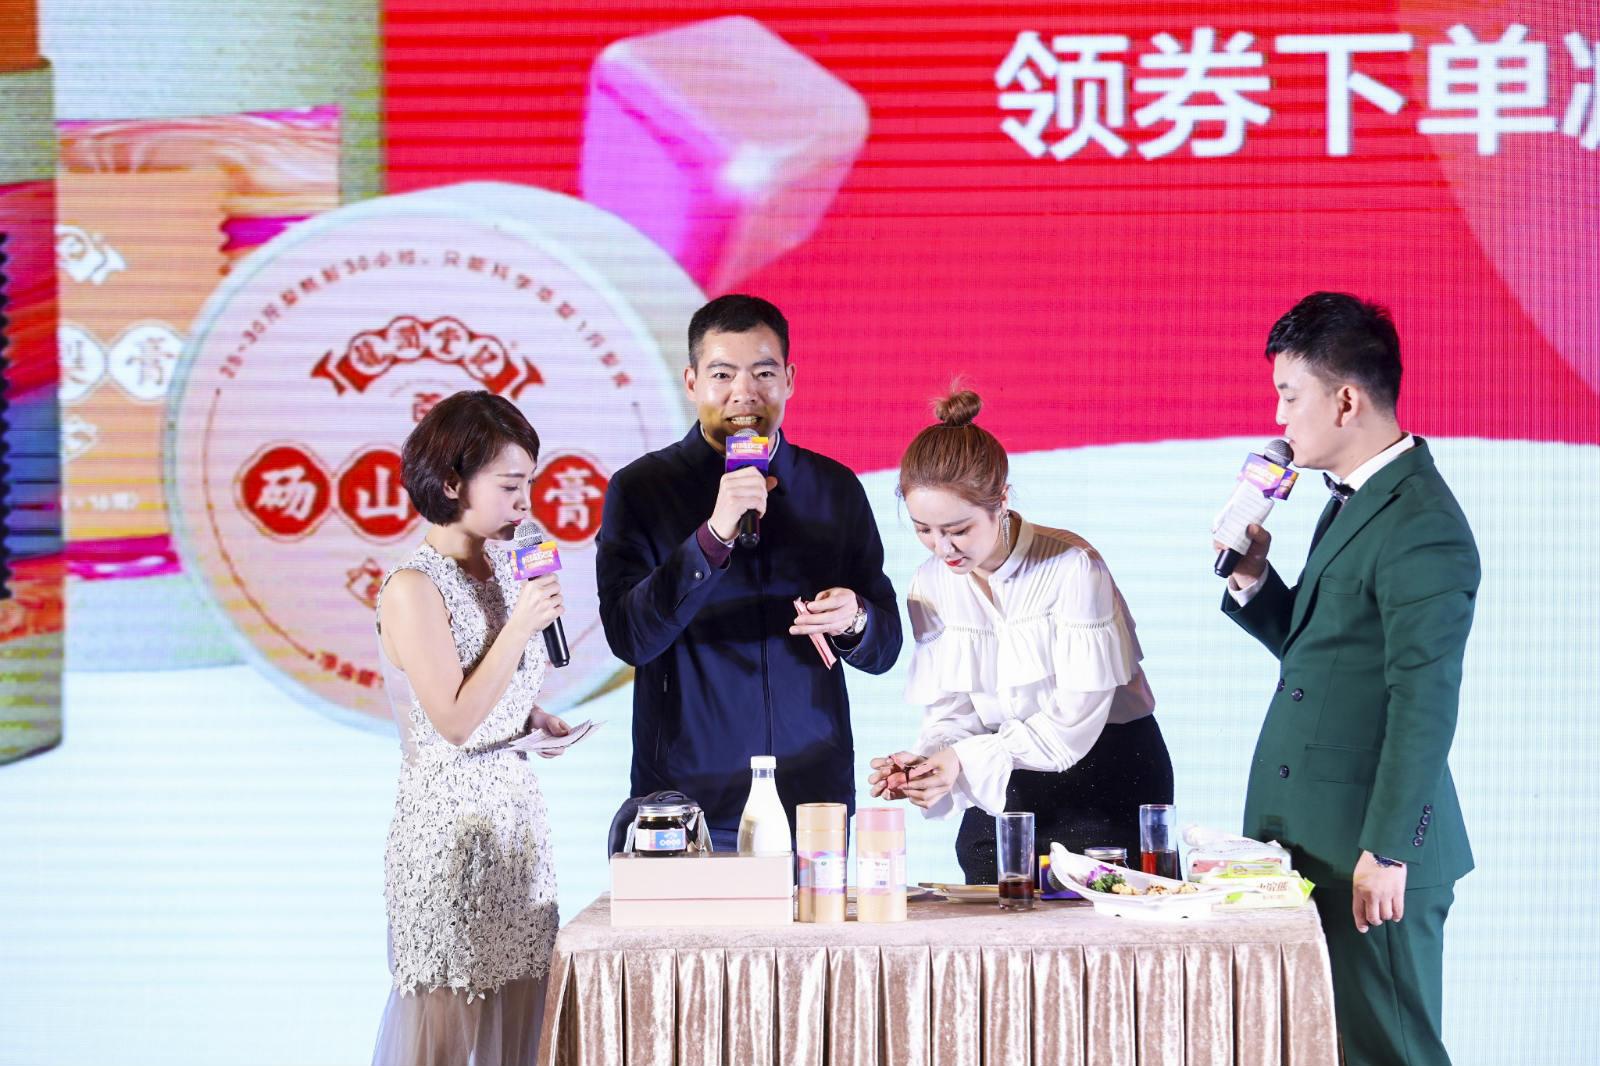 砀山县副县长朱明春和淘宝主播薇娅推介砀山梨膏_meitu_8